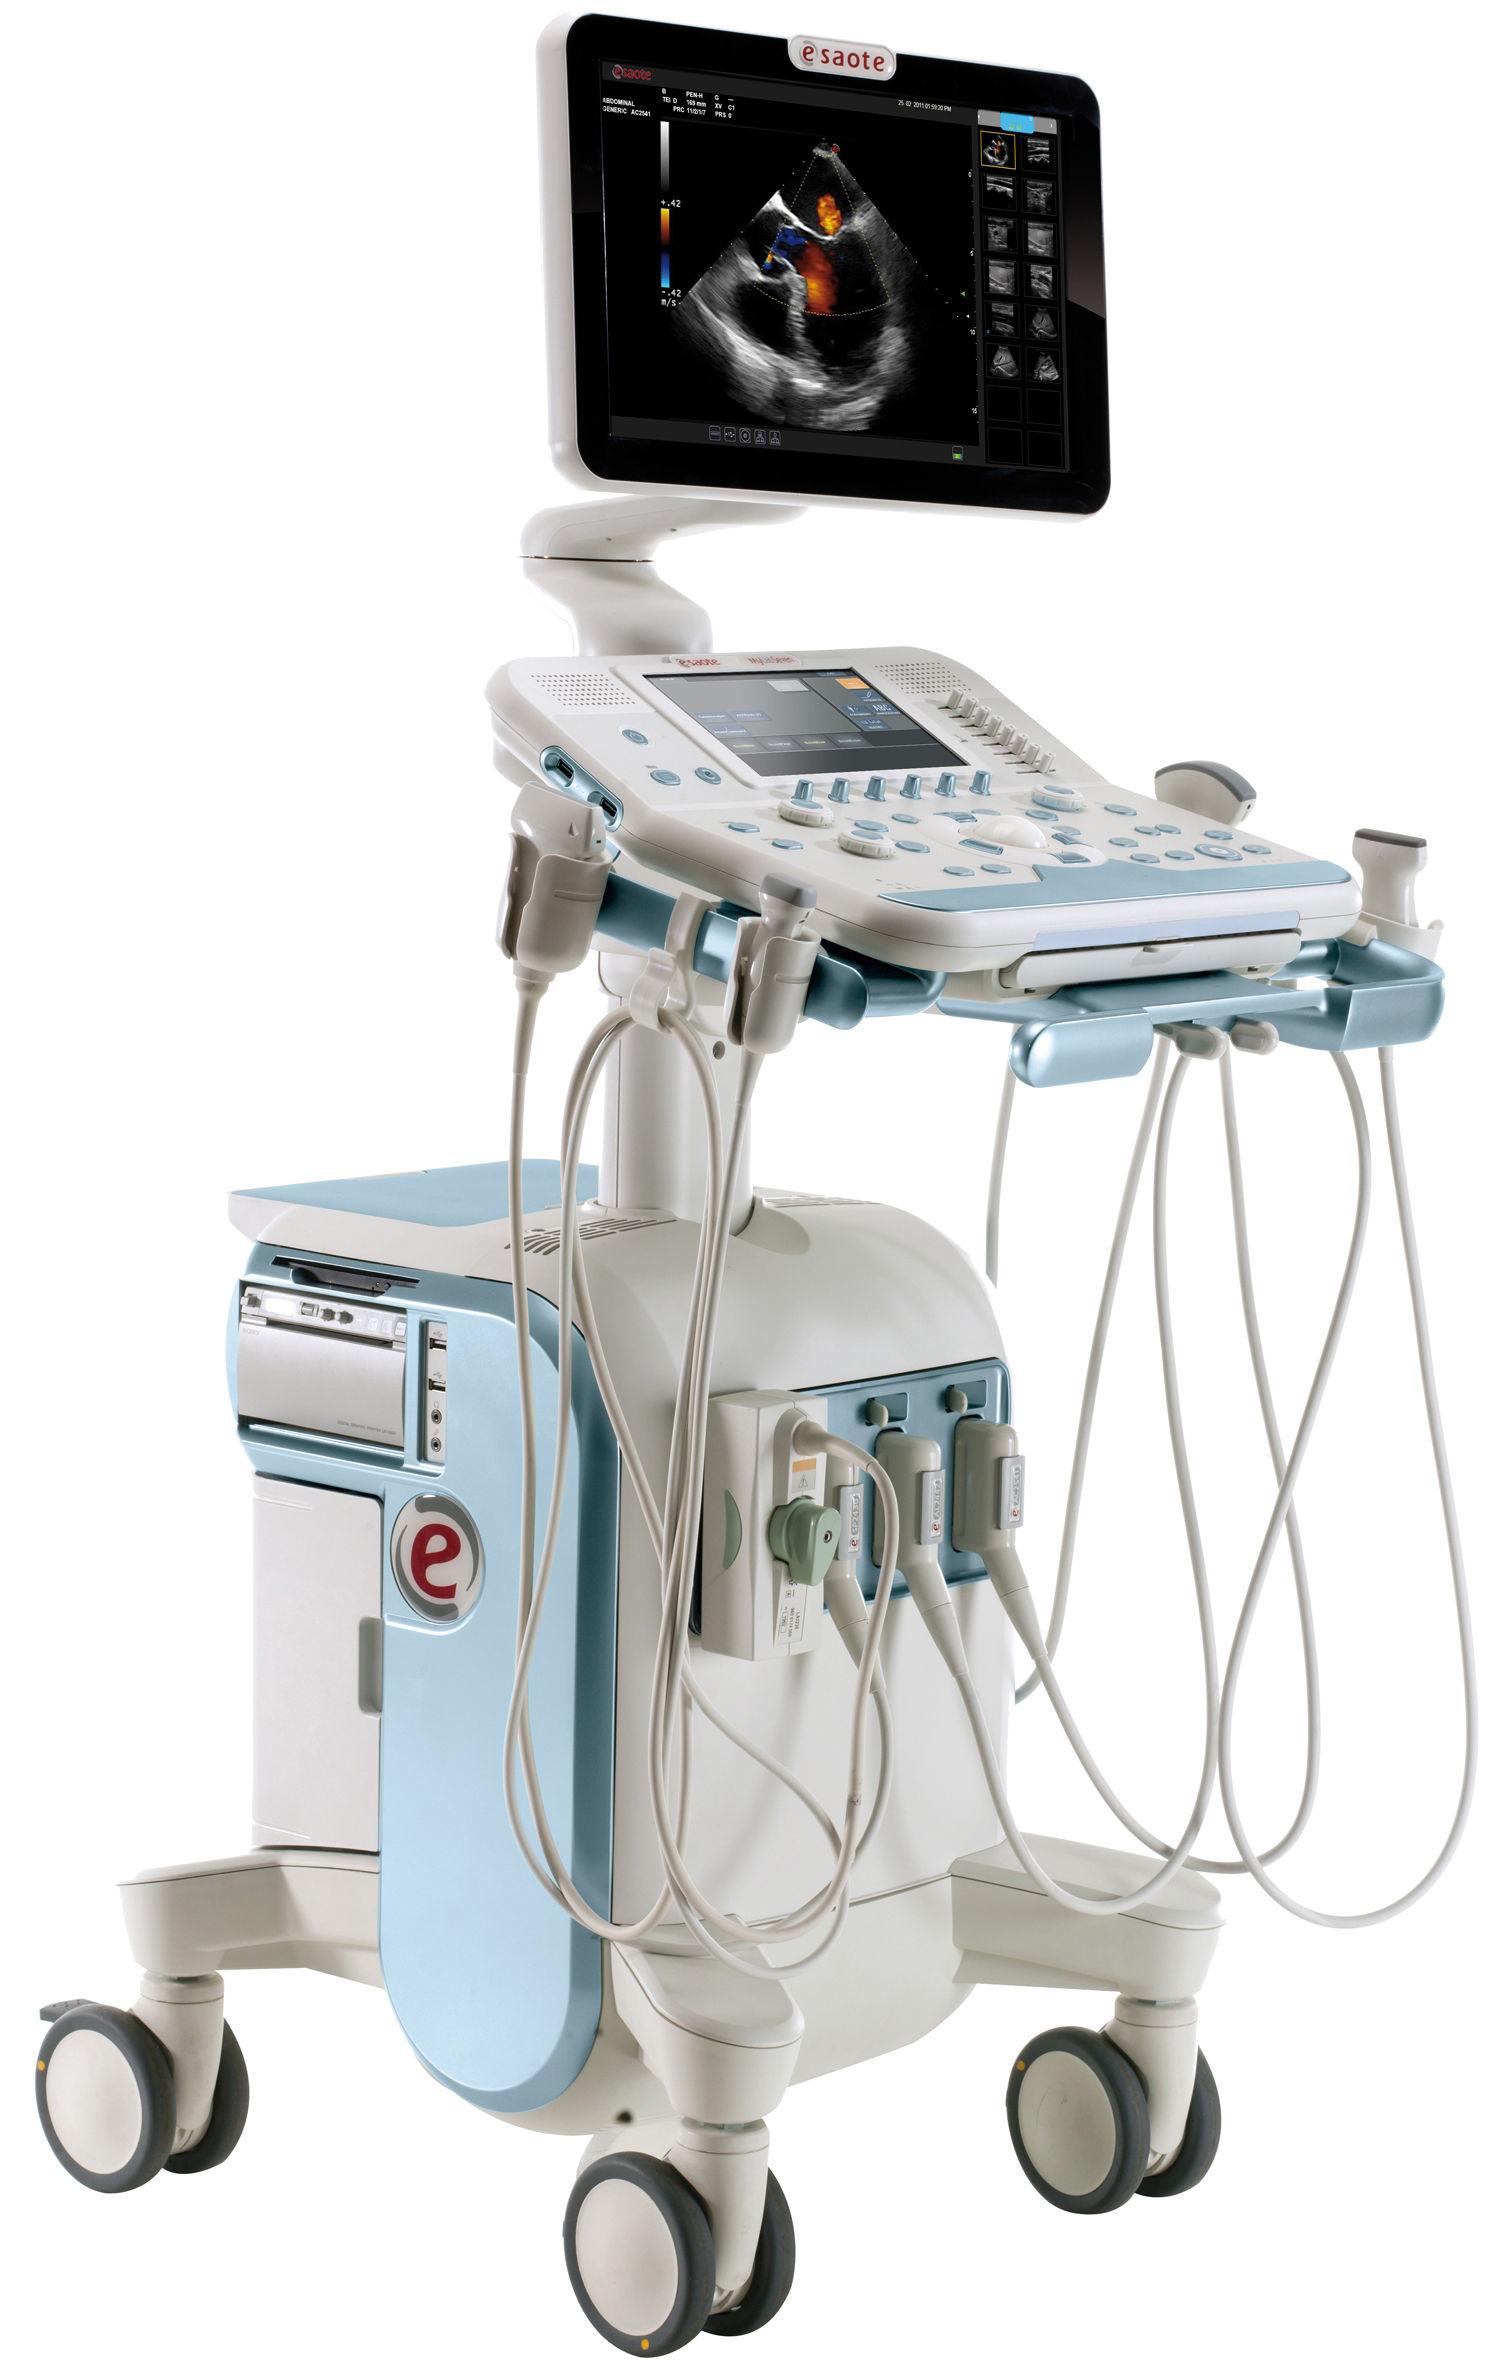 Endoscopy Exam Room: Esaote Mylab Seven OB / GYN